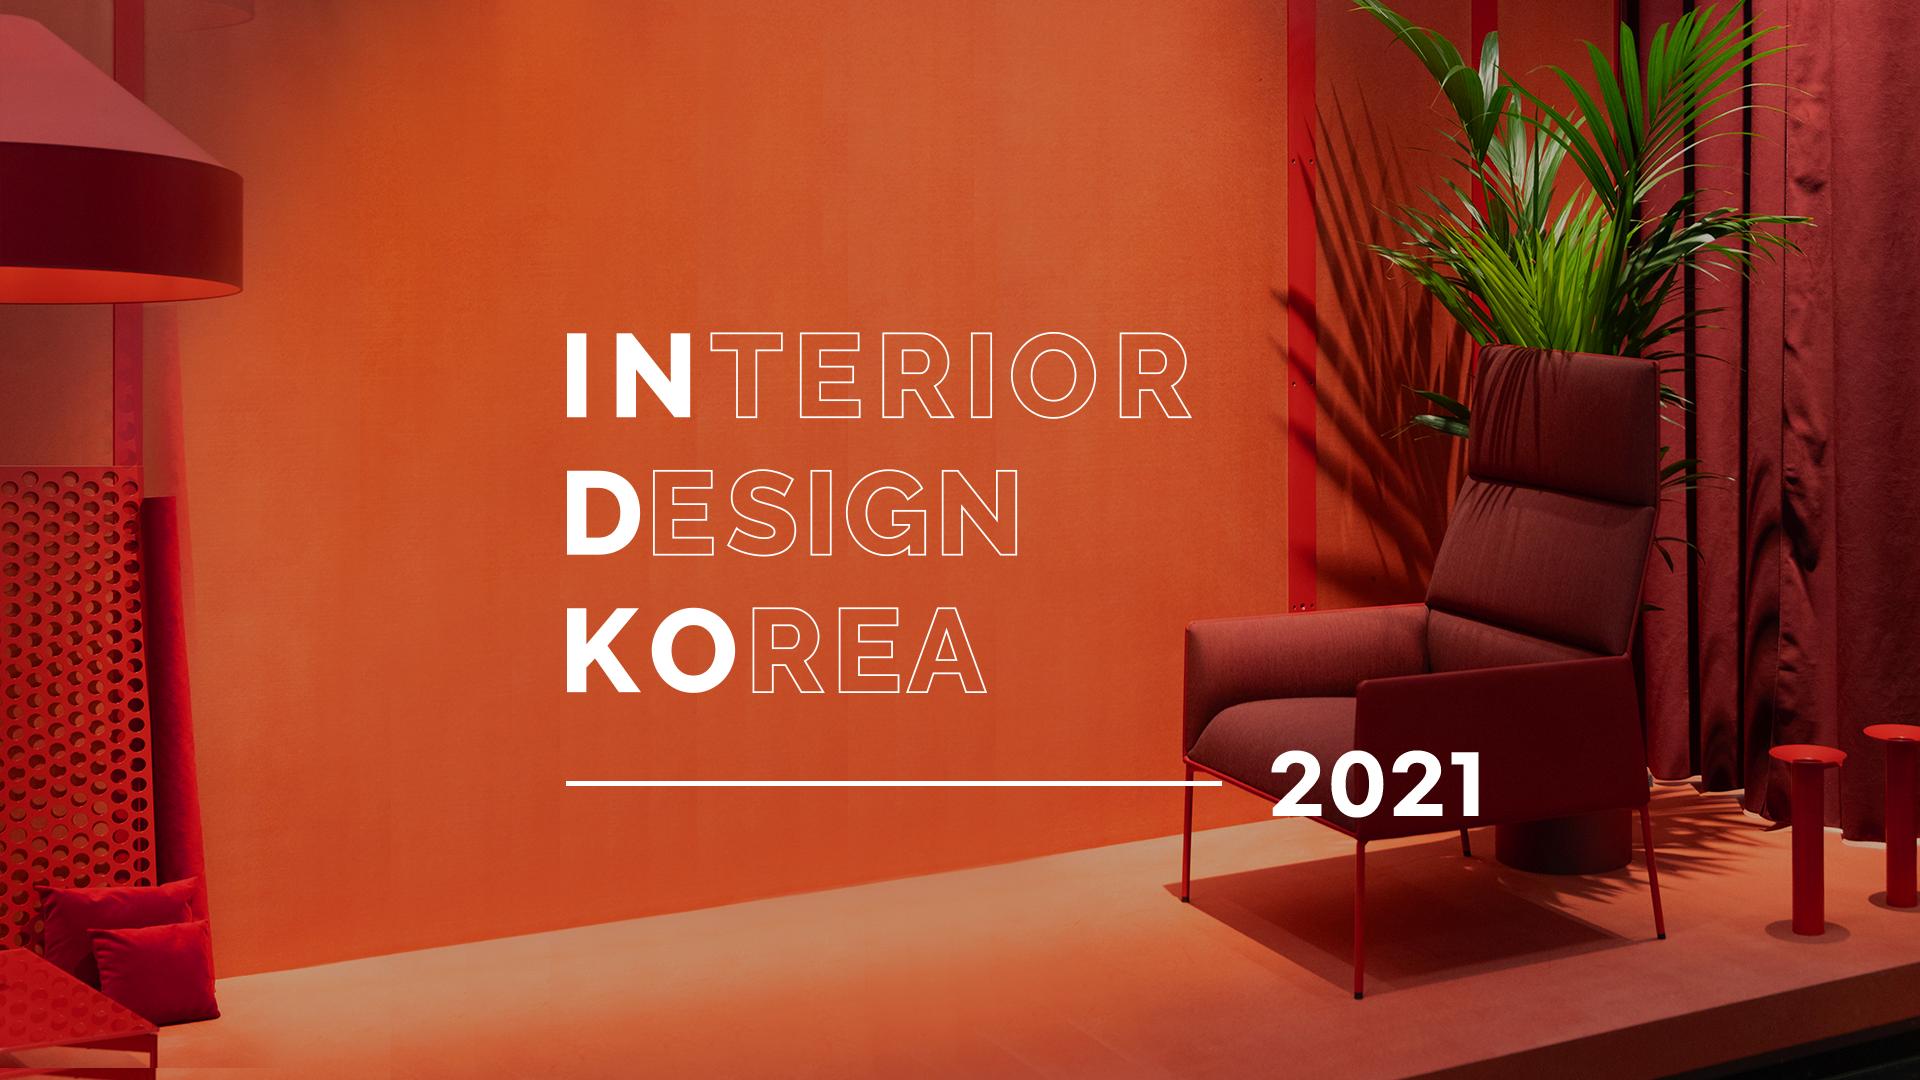 공간 #인테리어 와 #디자인에 대한 인사이트 '인테리어디자인코리아 2021'